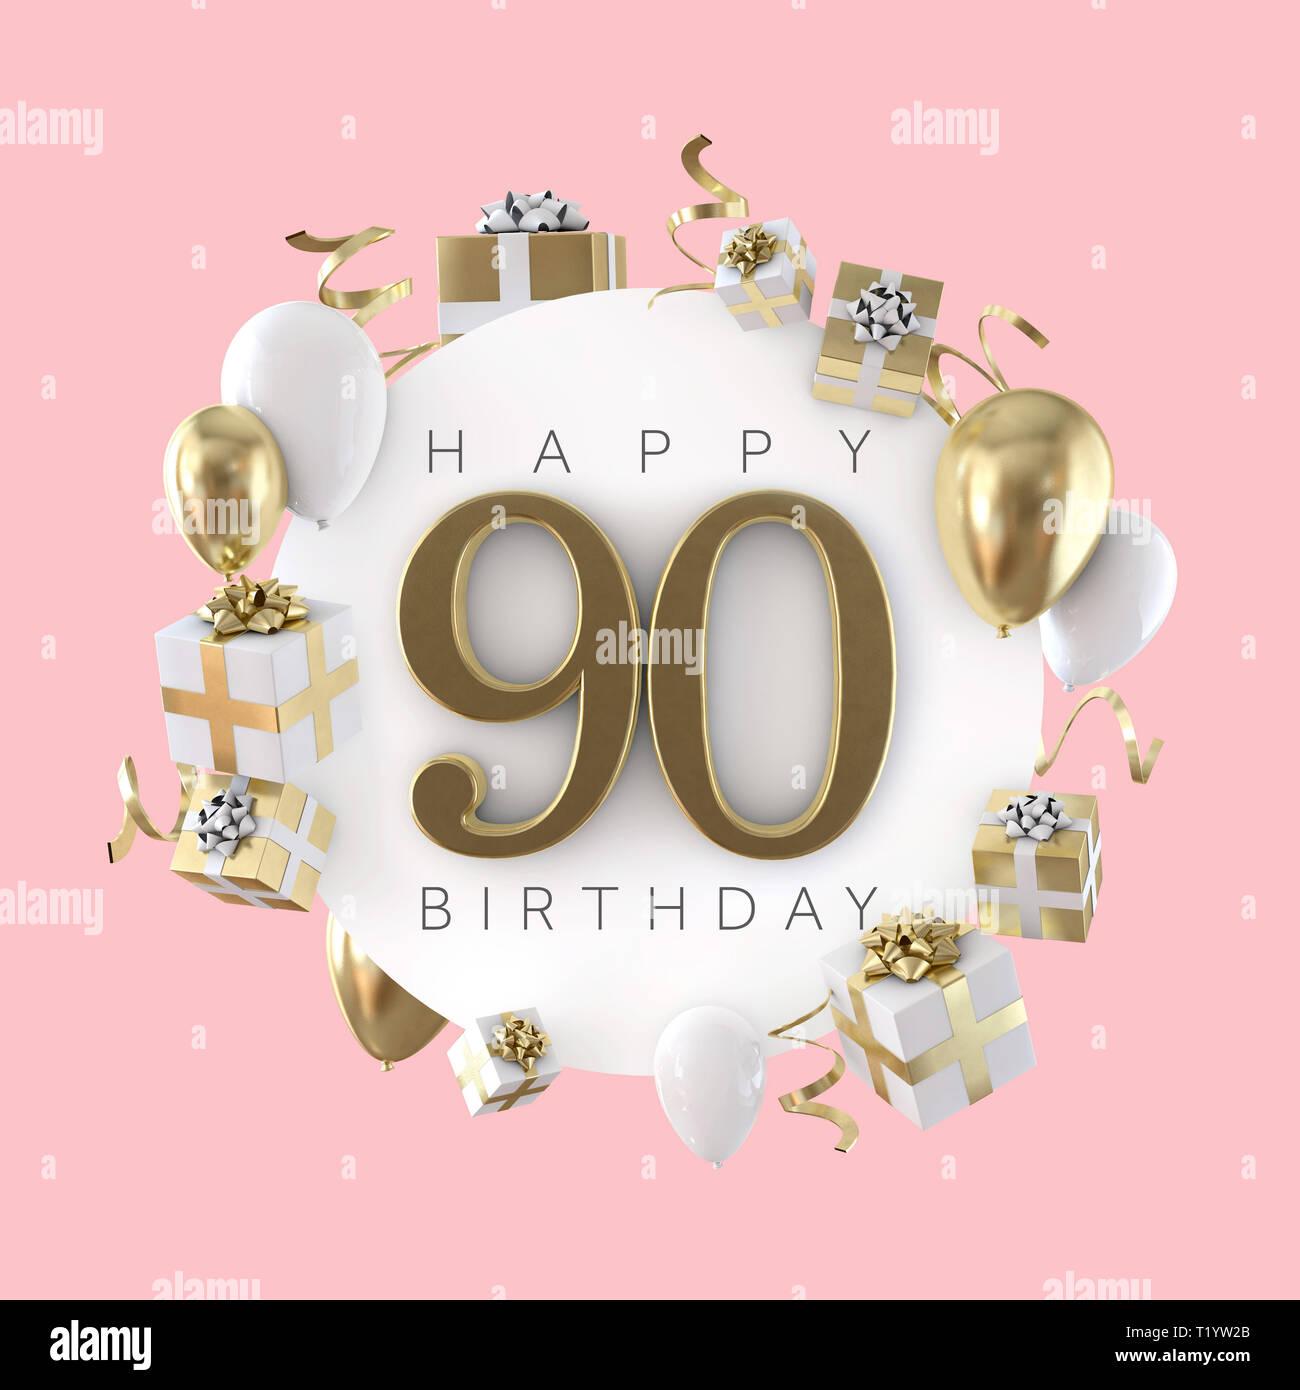 Feliz Cumpleaños 90 Composición Con Globos Y Regalos 3d